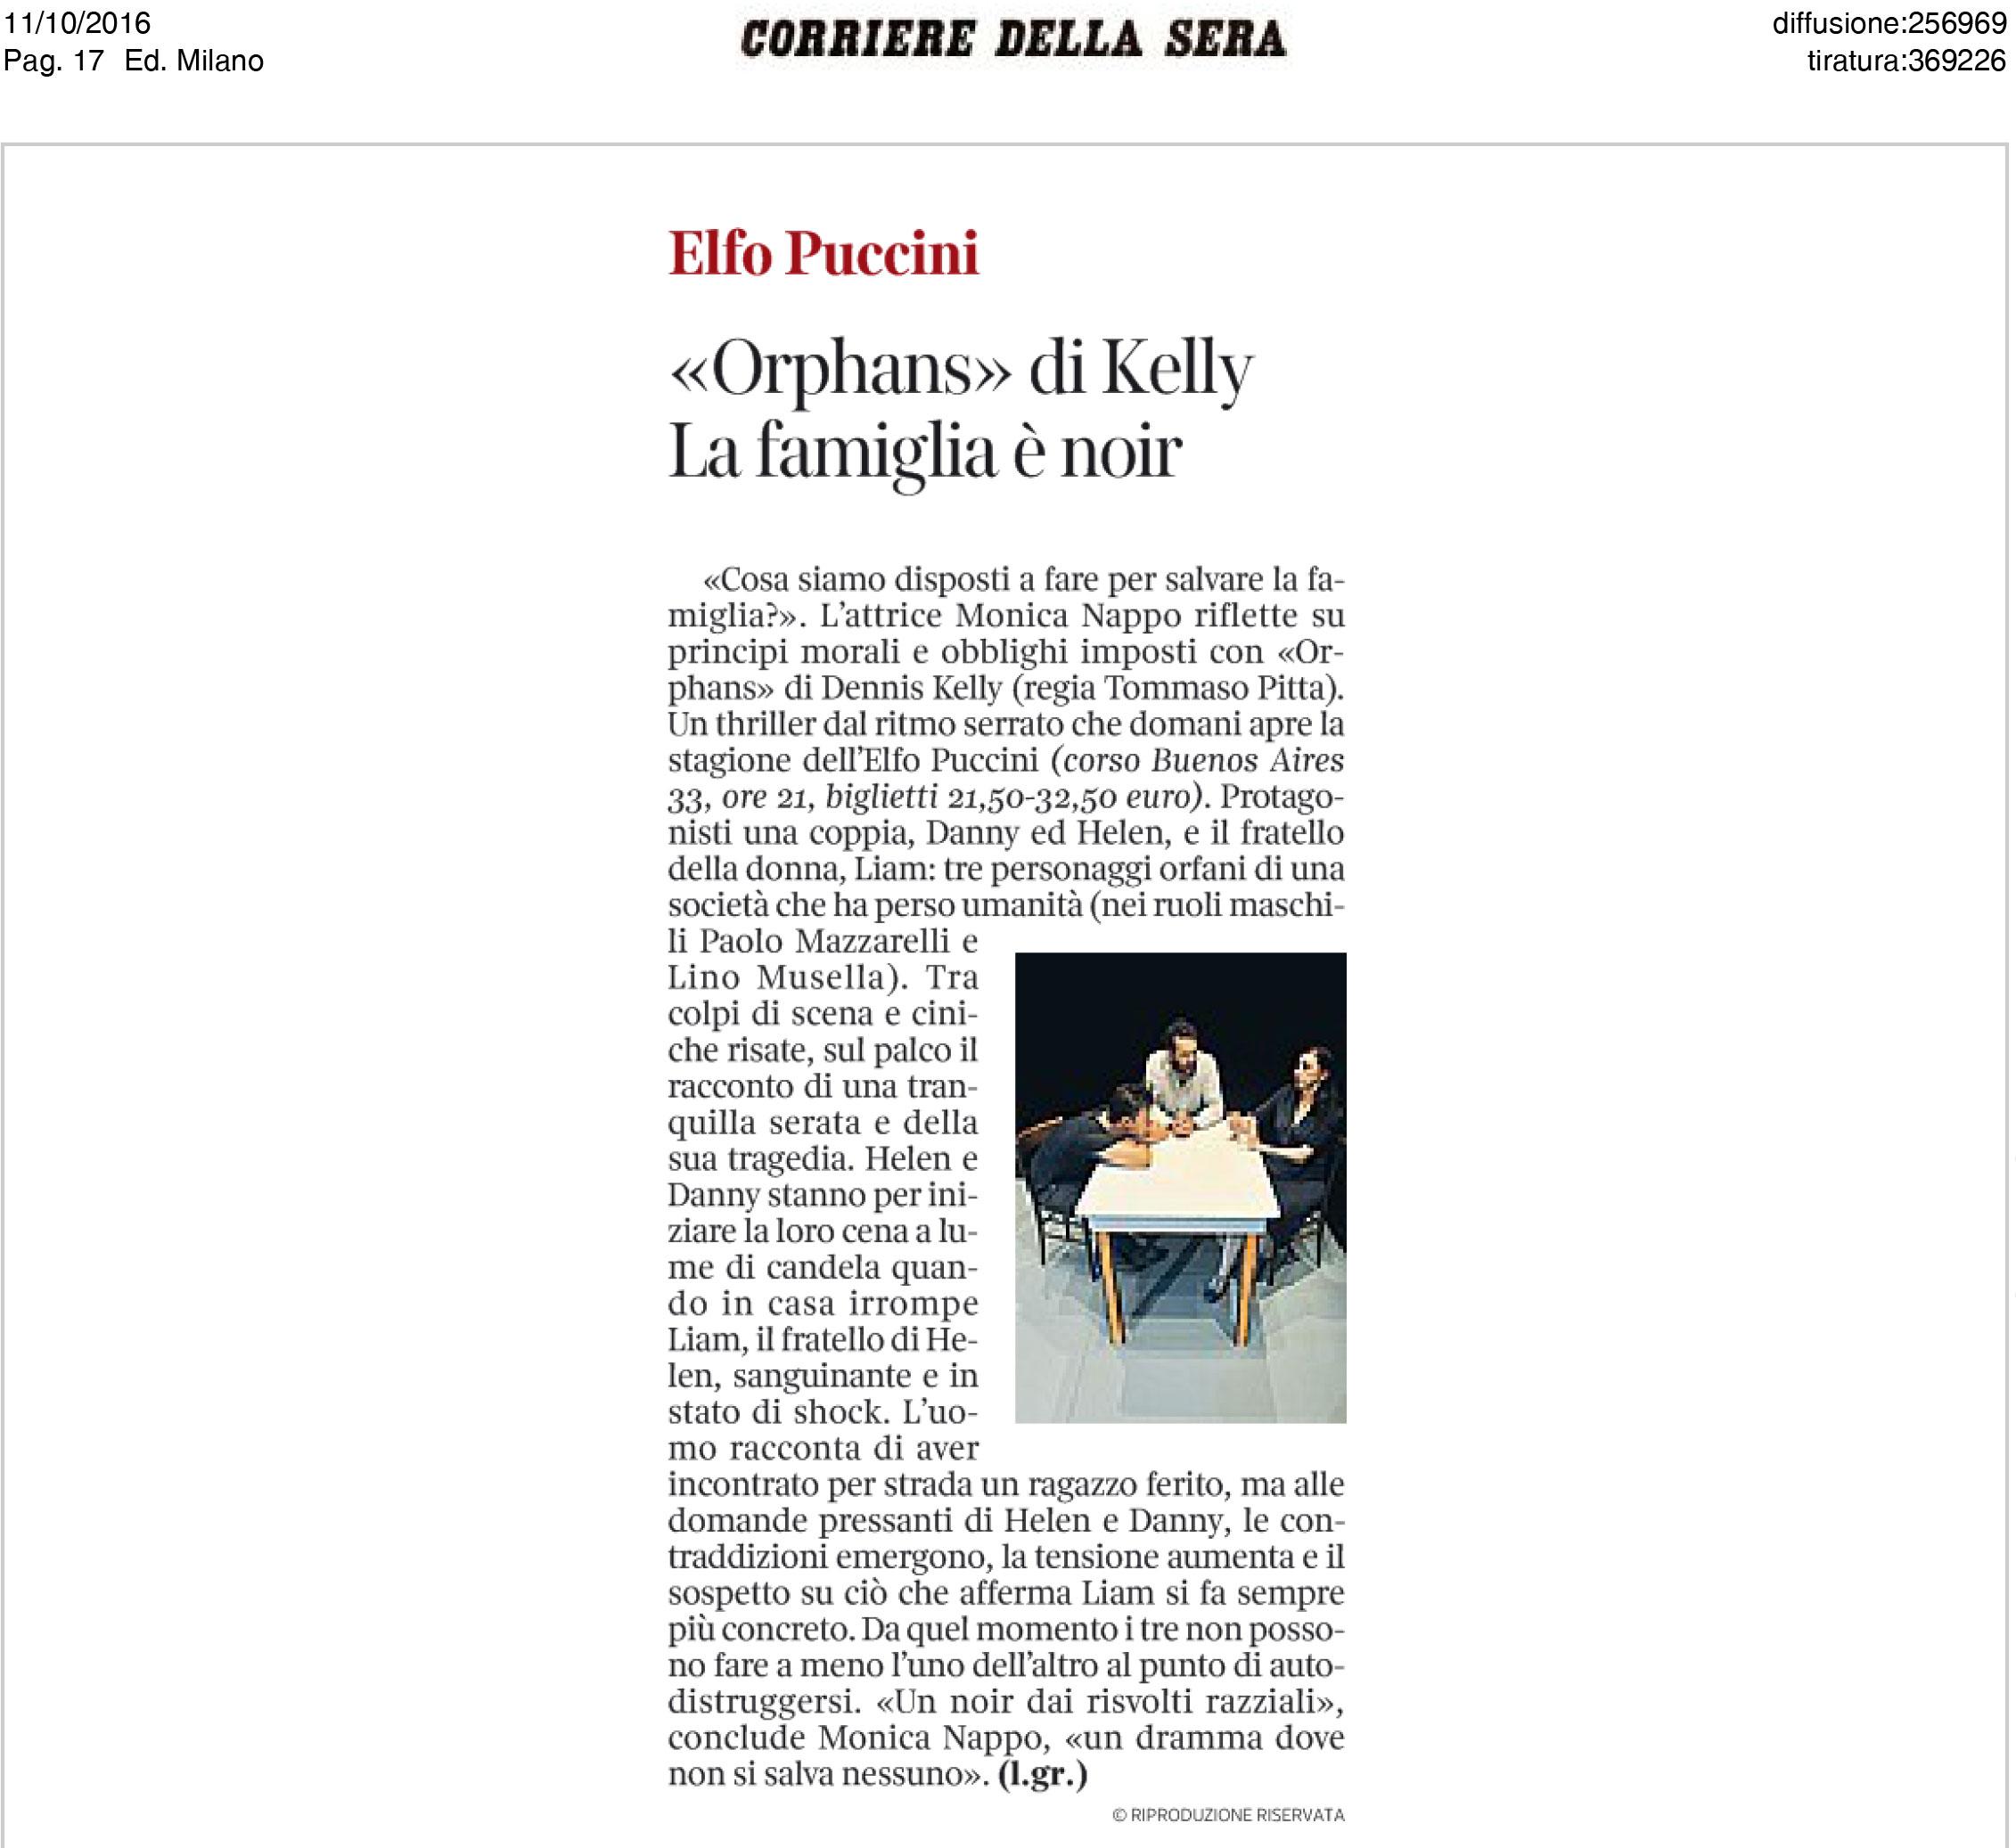 20161011_orphans-di-kelly-la-famiglia-e-noir_corriere-della-sera